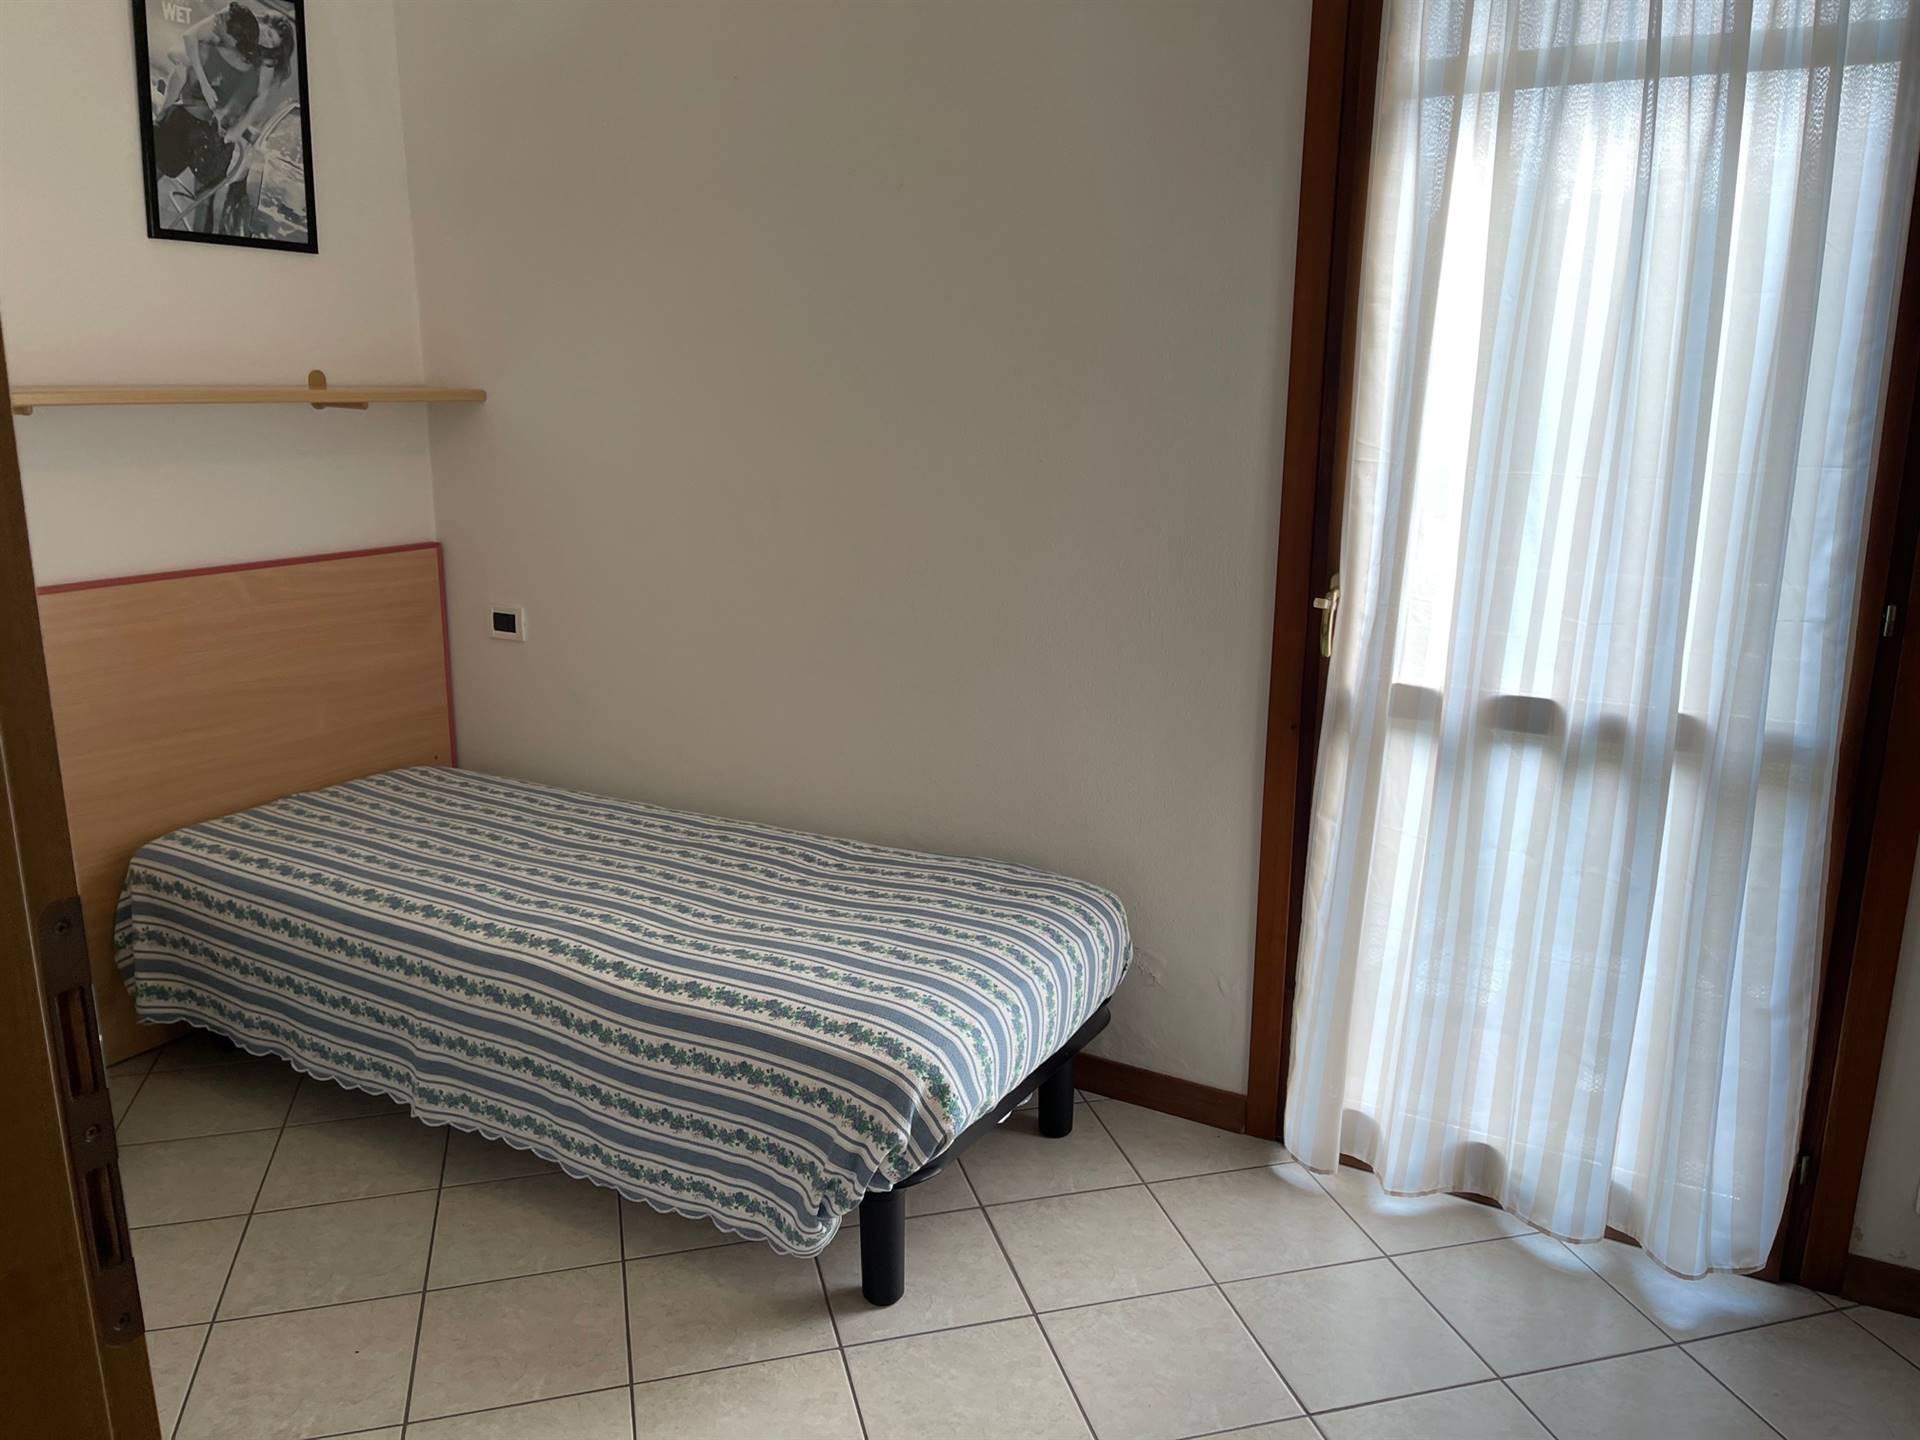 camera villetta vendita Cavallino euro 248000